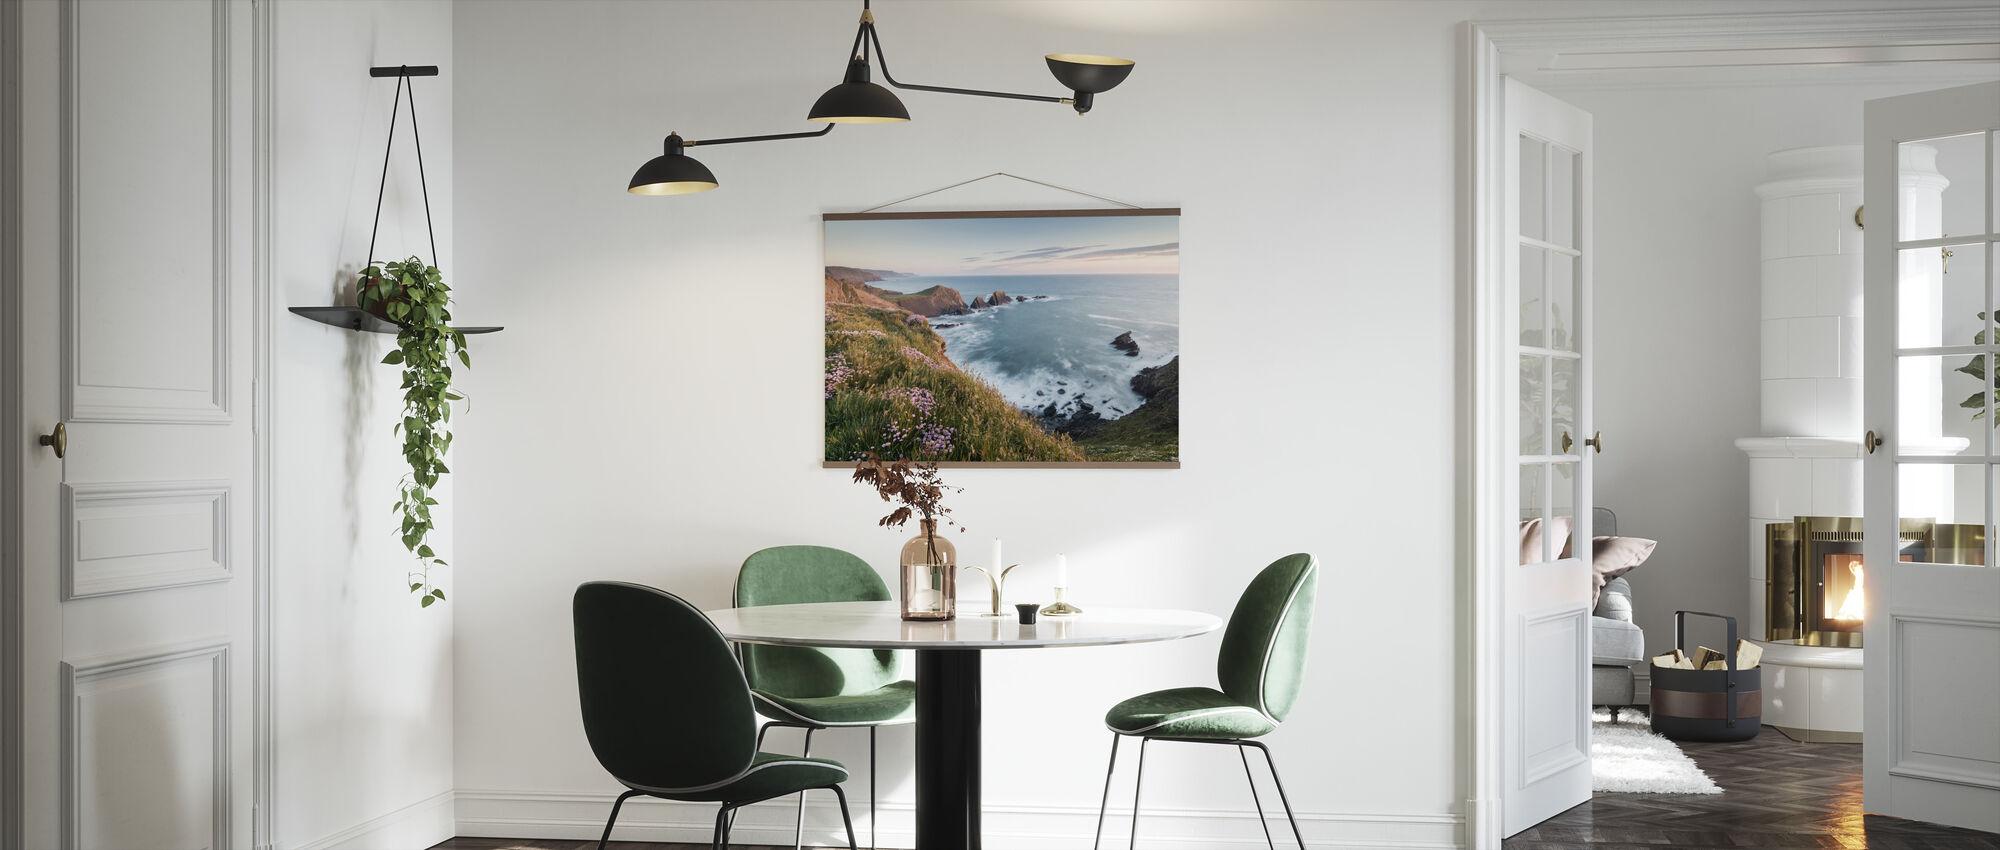 Wild View - Poster - Kitchen